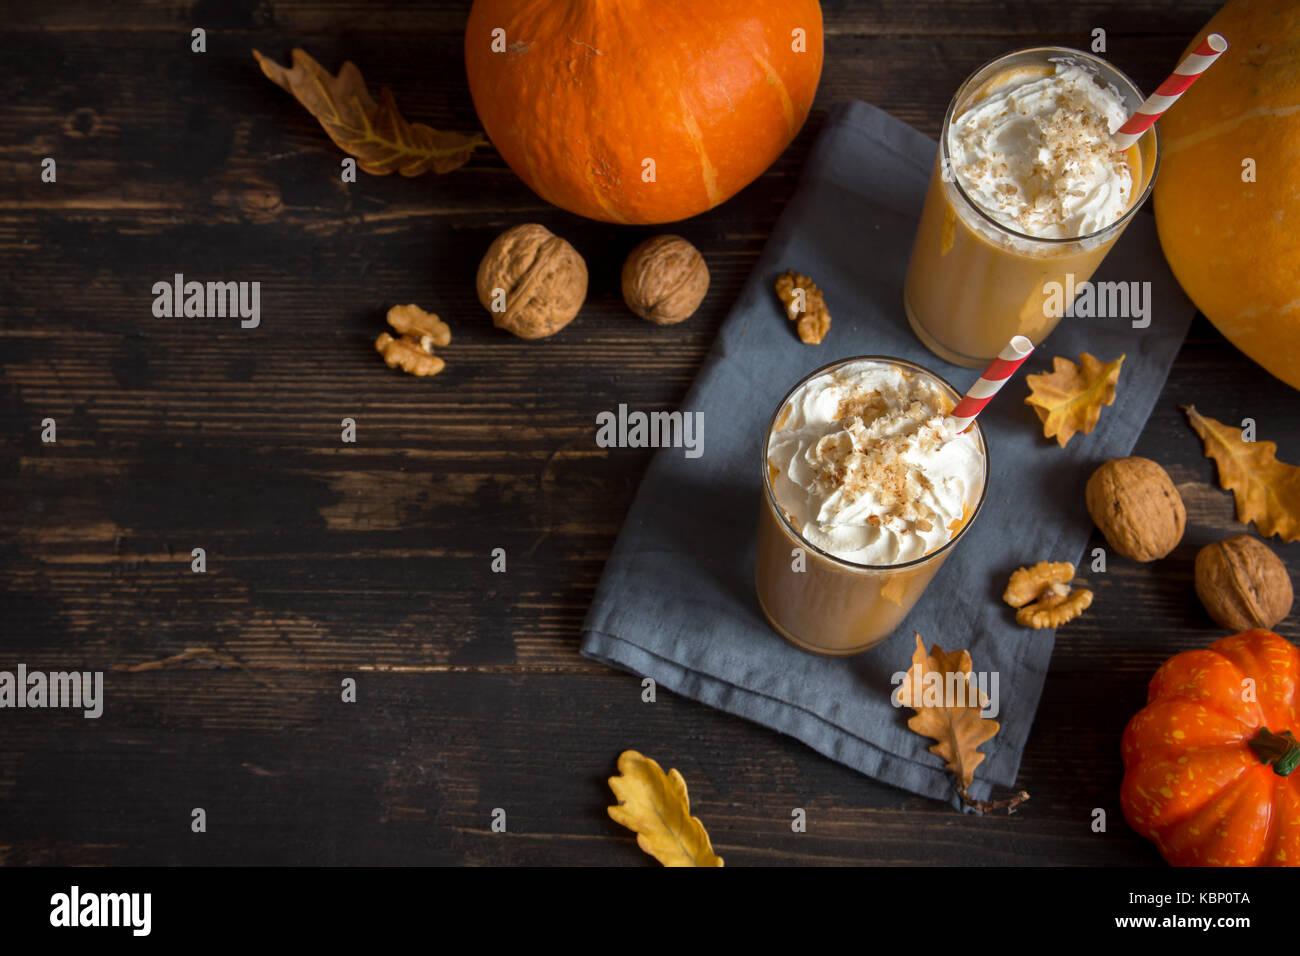 Batido de calabaza calabaza y fresco batido o smoothie de manzana con nueces y especias de otoño temporada Imagen De Stock